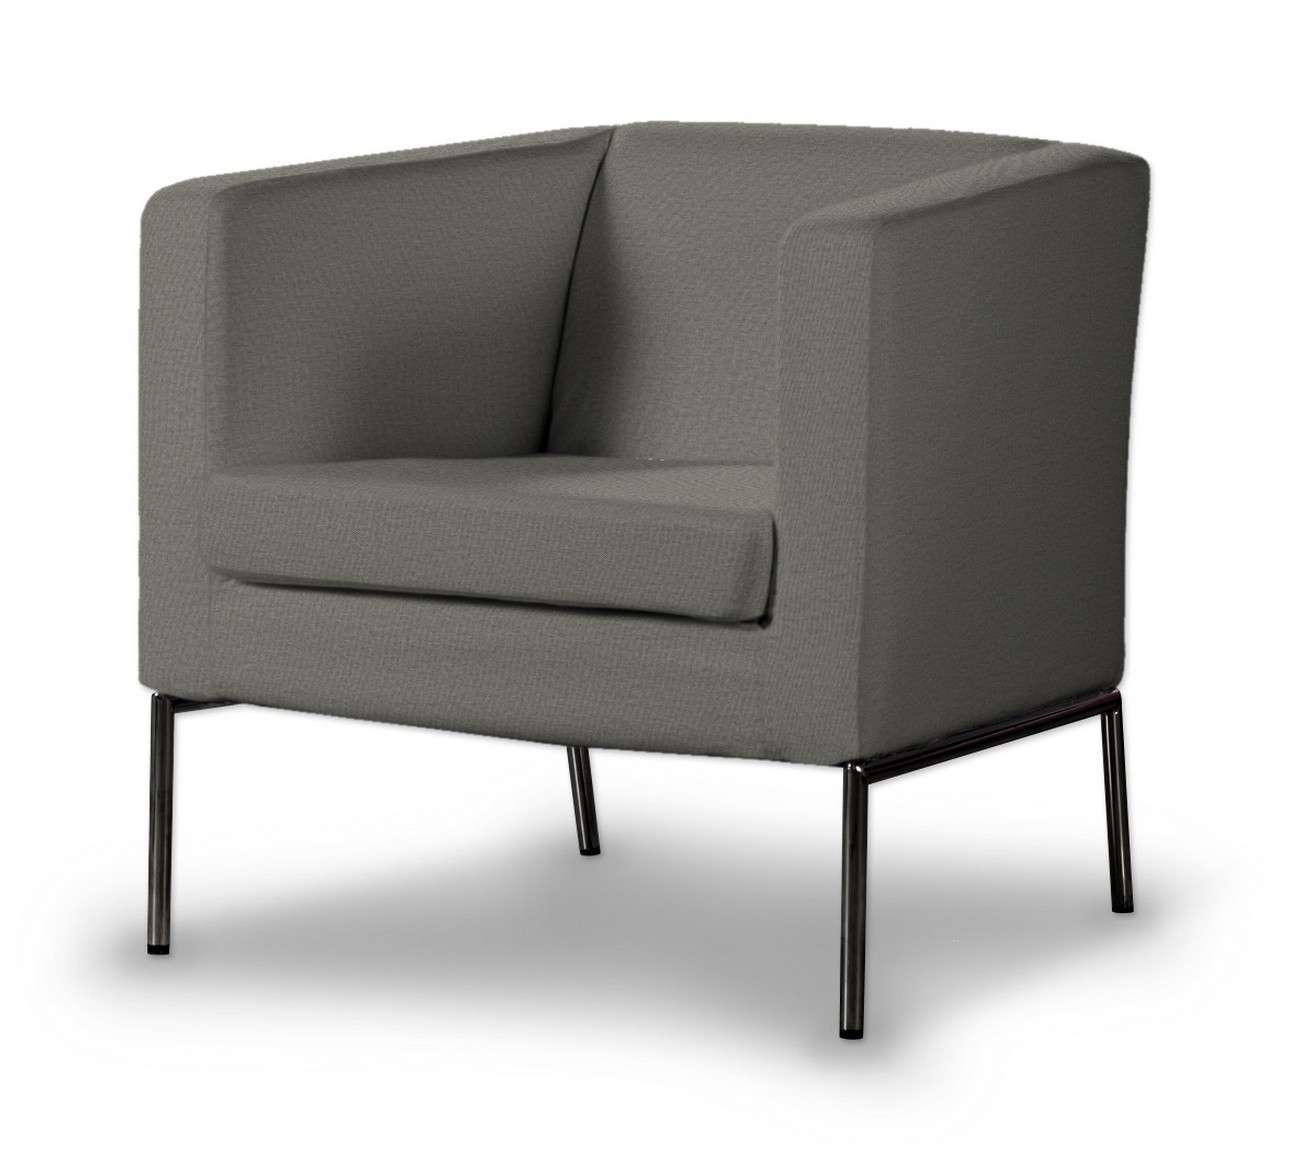 Klappsta päällinen nojatuoli mallistosta Etna - ei verhoihin, Kangas: 161-25